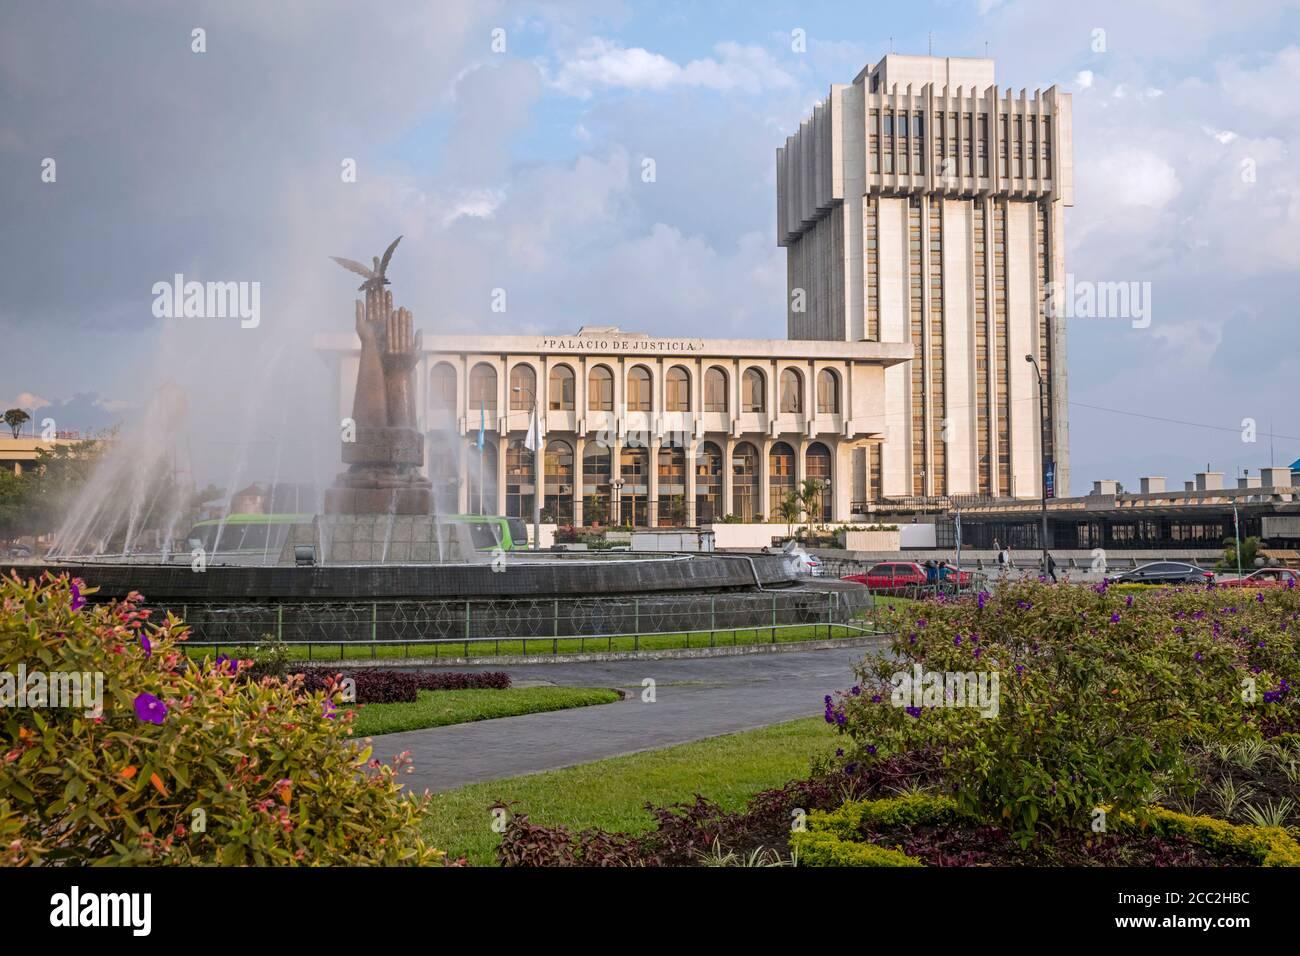 Palacio de Justicia / Corte Suprema de Justicia de Guatemala en Ciudad de Guatemala / Guate / Ciudad de Guatemala, Centroamérica Foto de stock